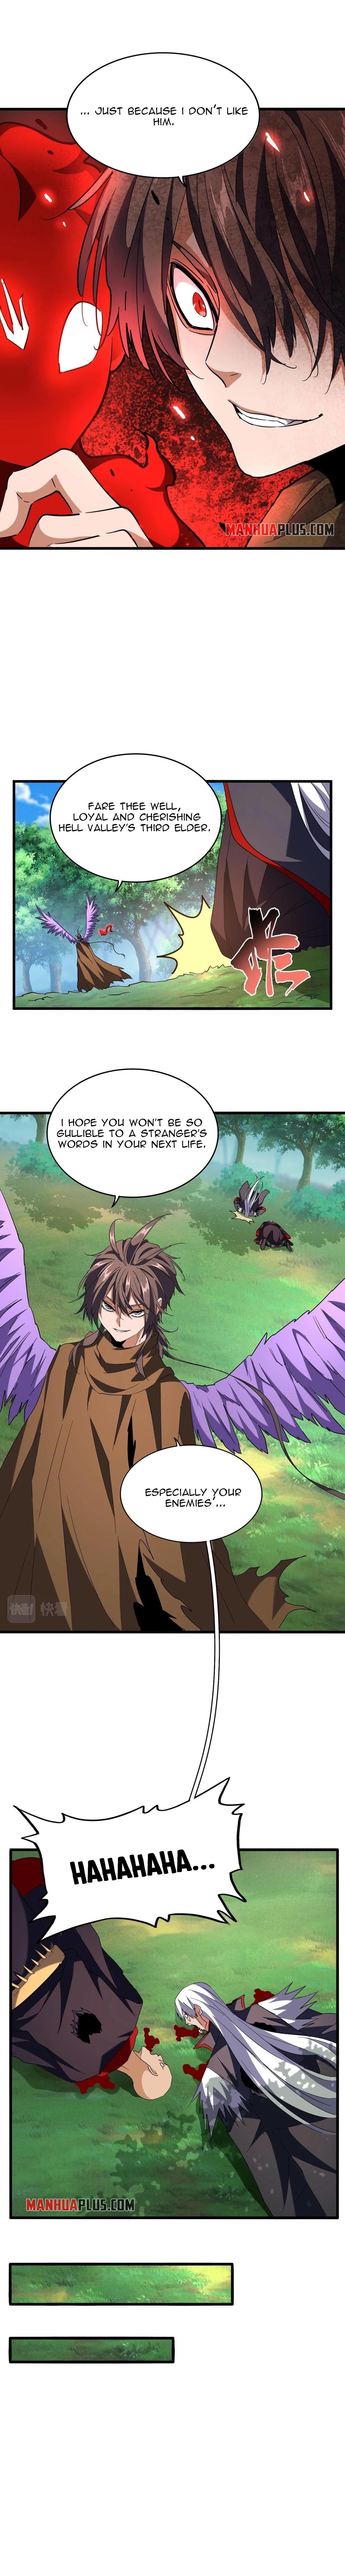 Magic Emperor Chapter 210 page 8 - Mangakakalots.com